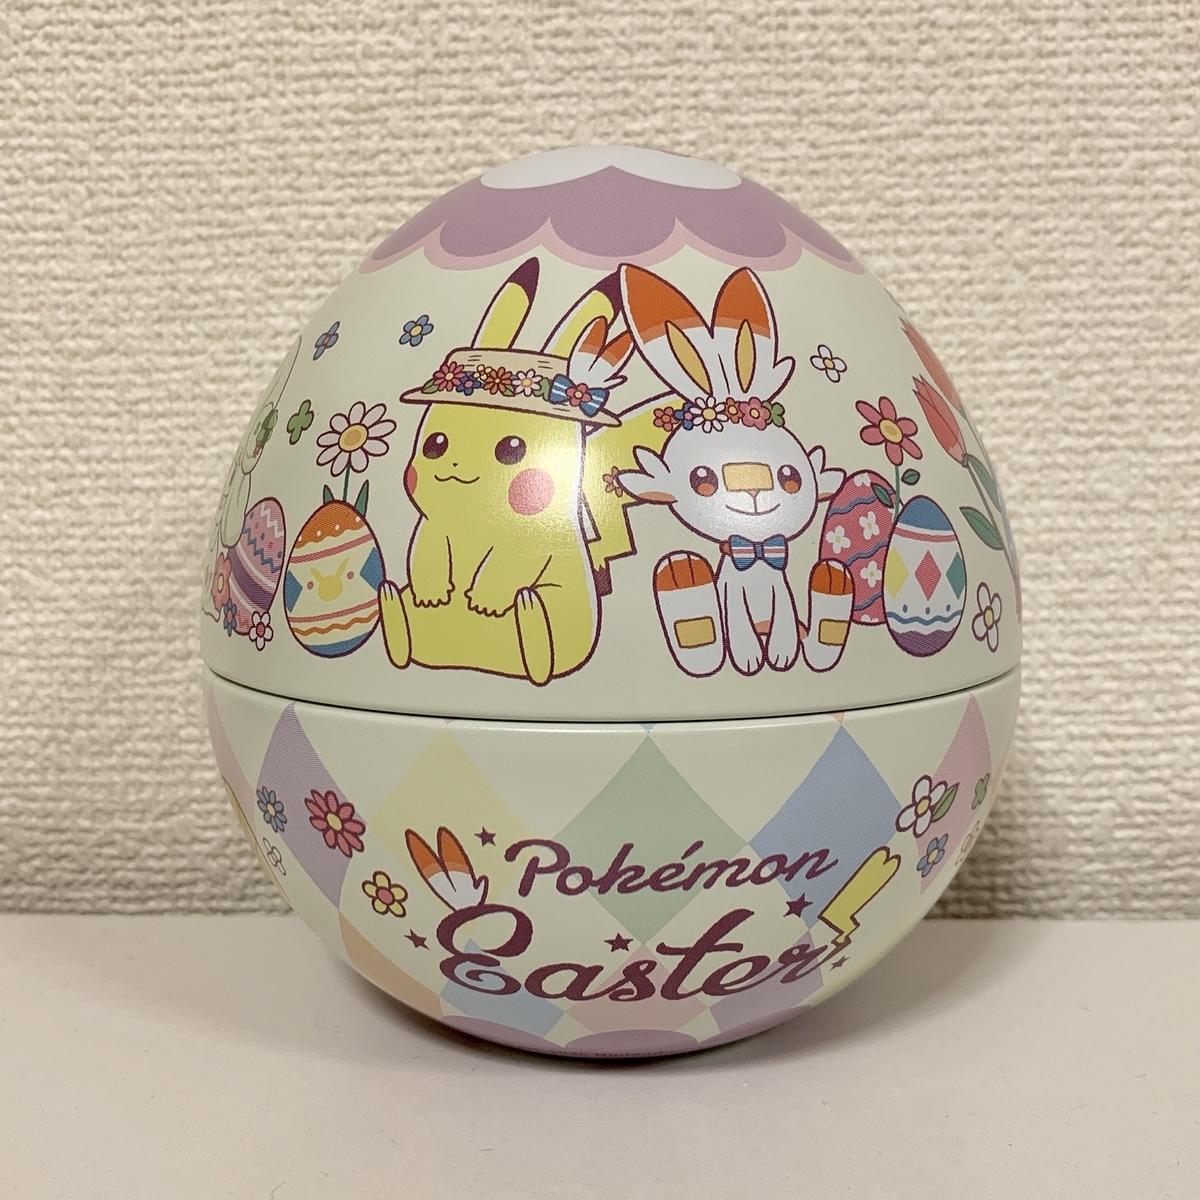 f:id:pikachu_pcn:20200410210727j:plain